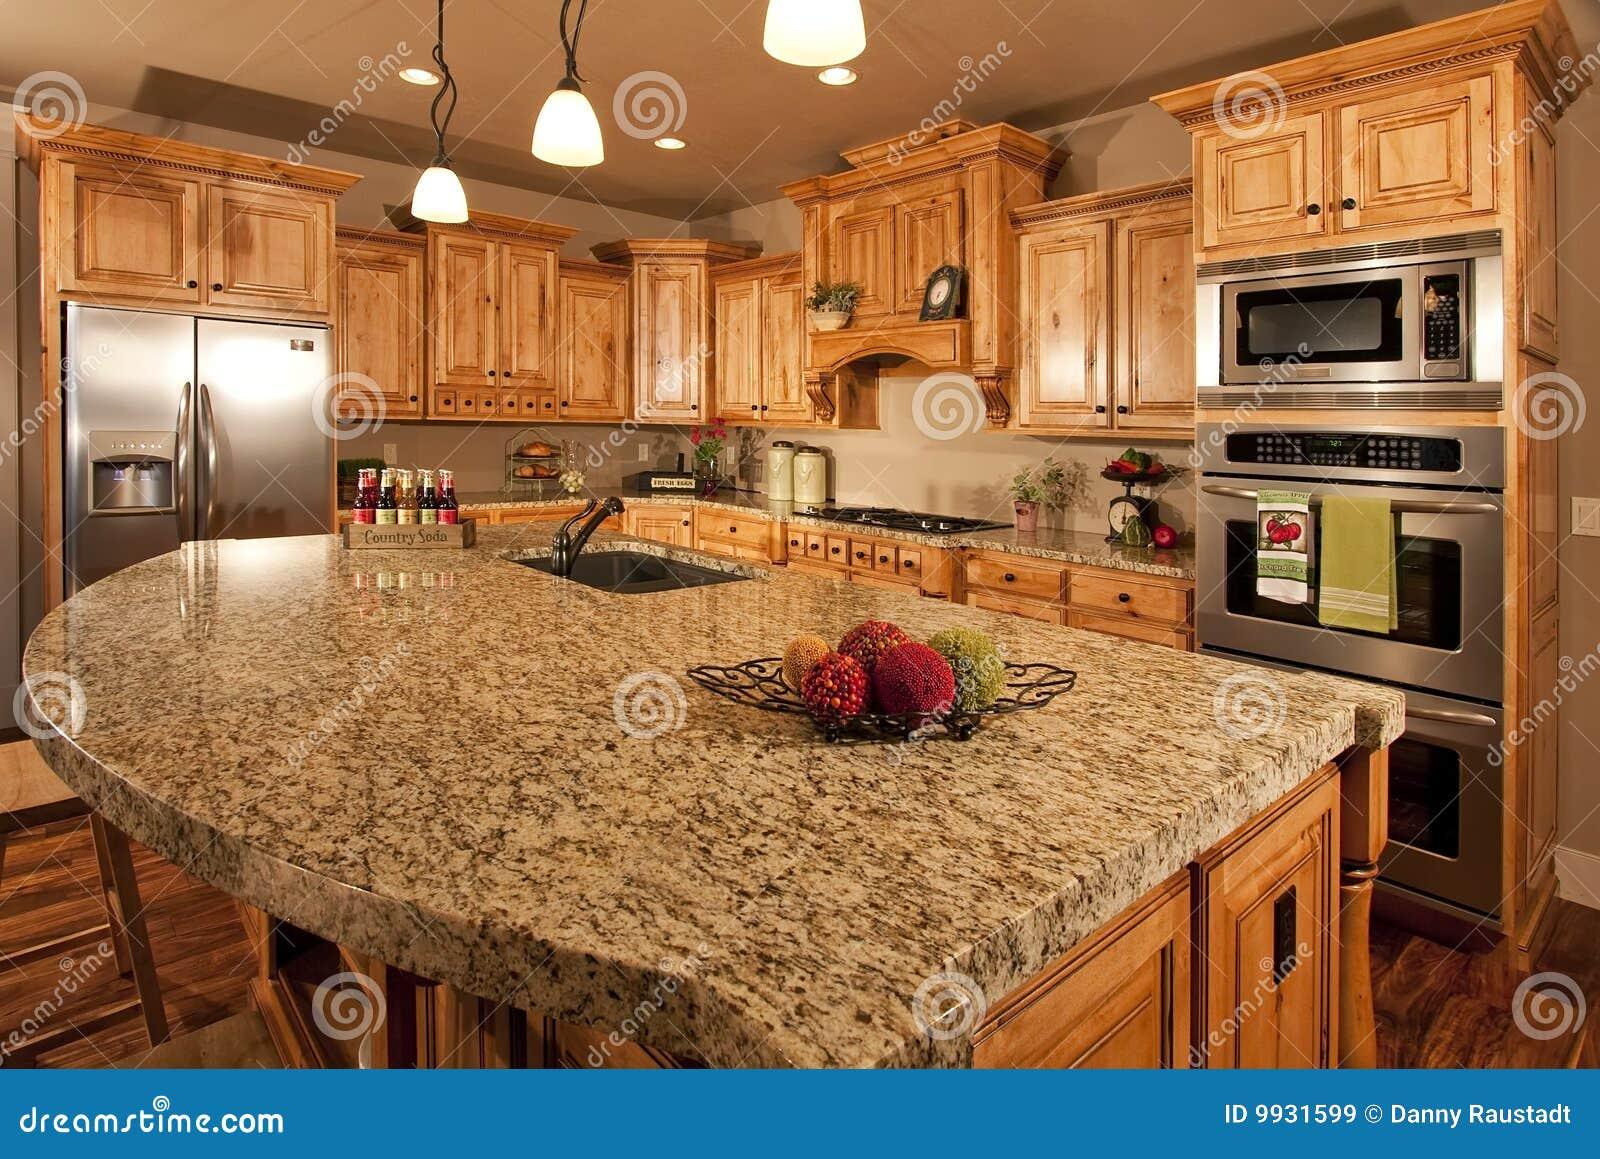 Cozinha Home com console Center #AF421C 1300 958